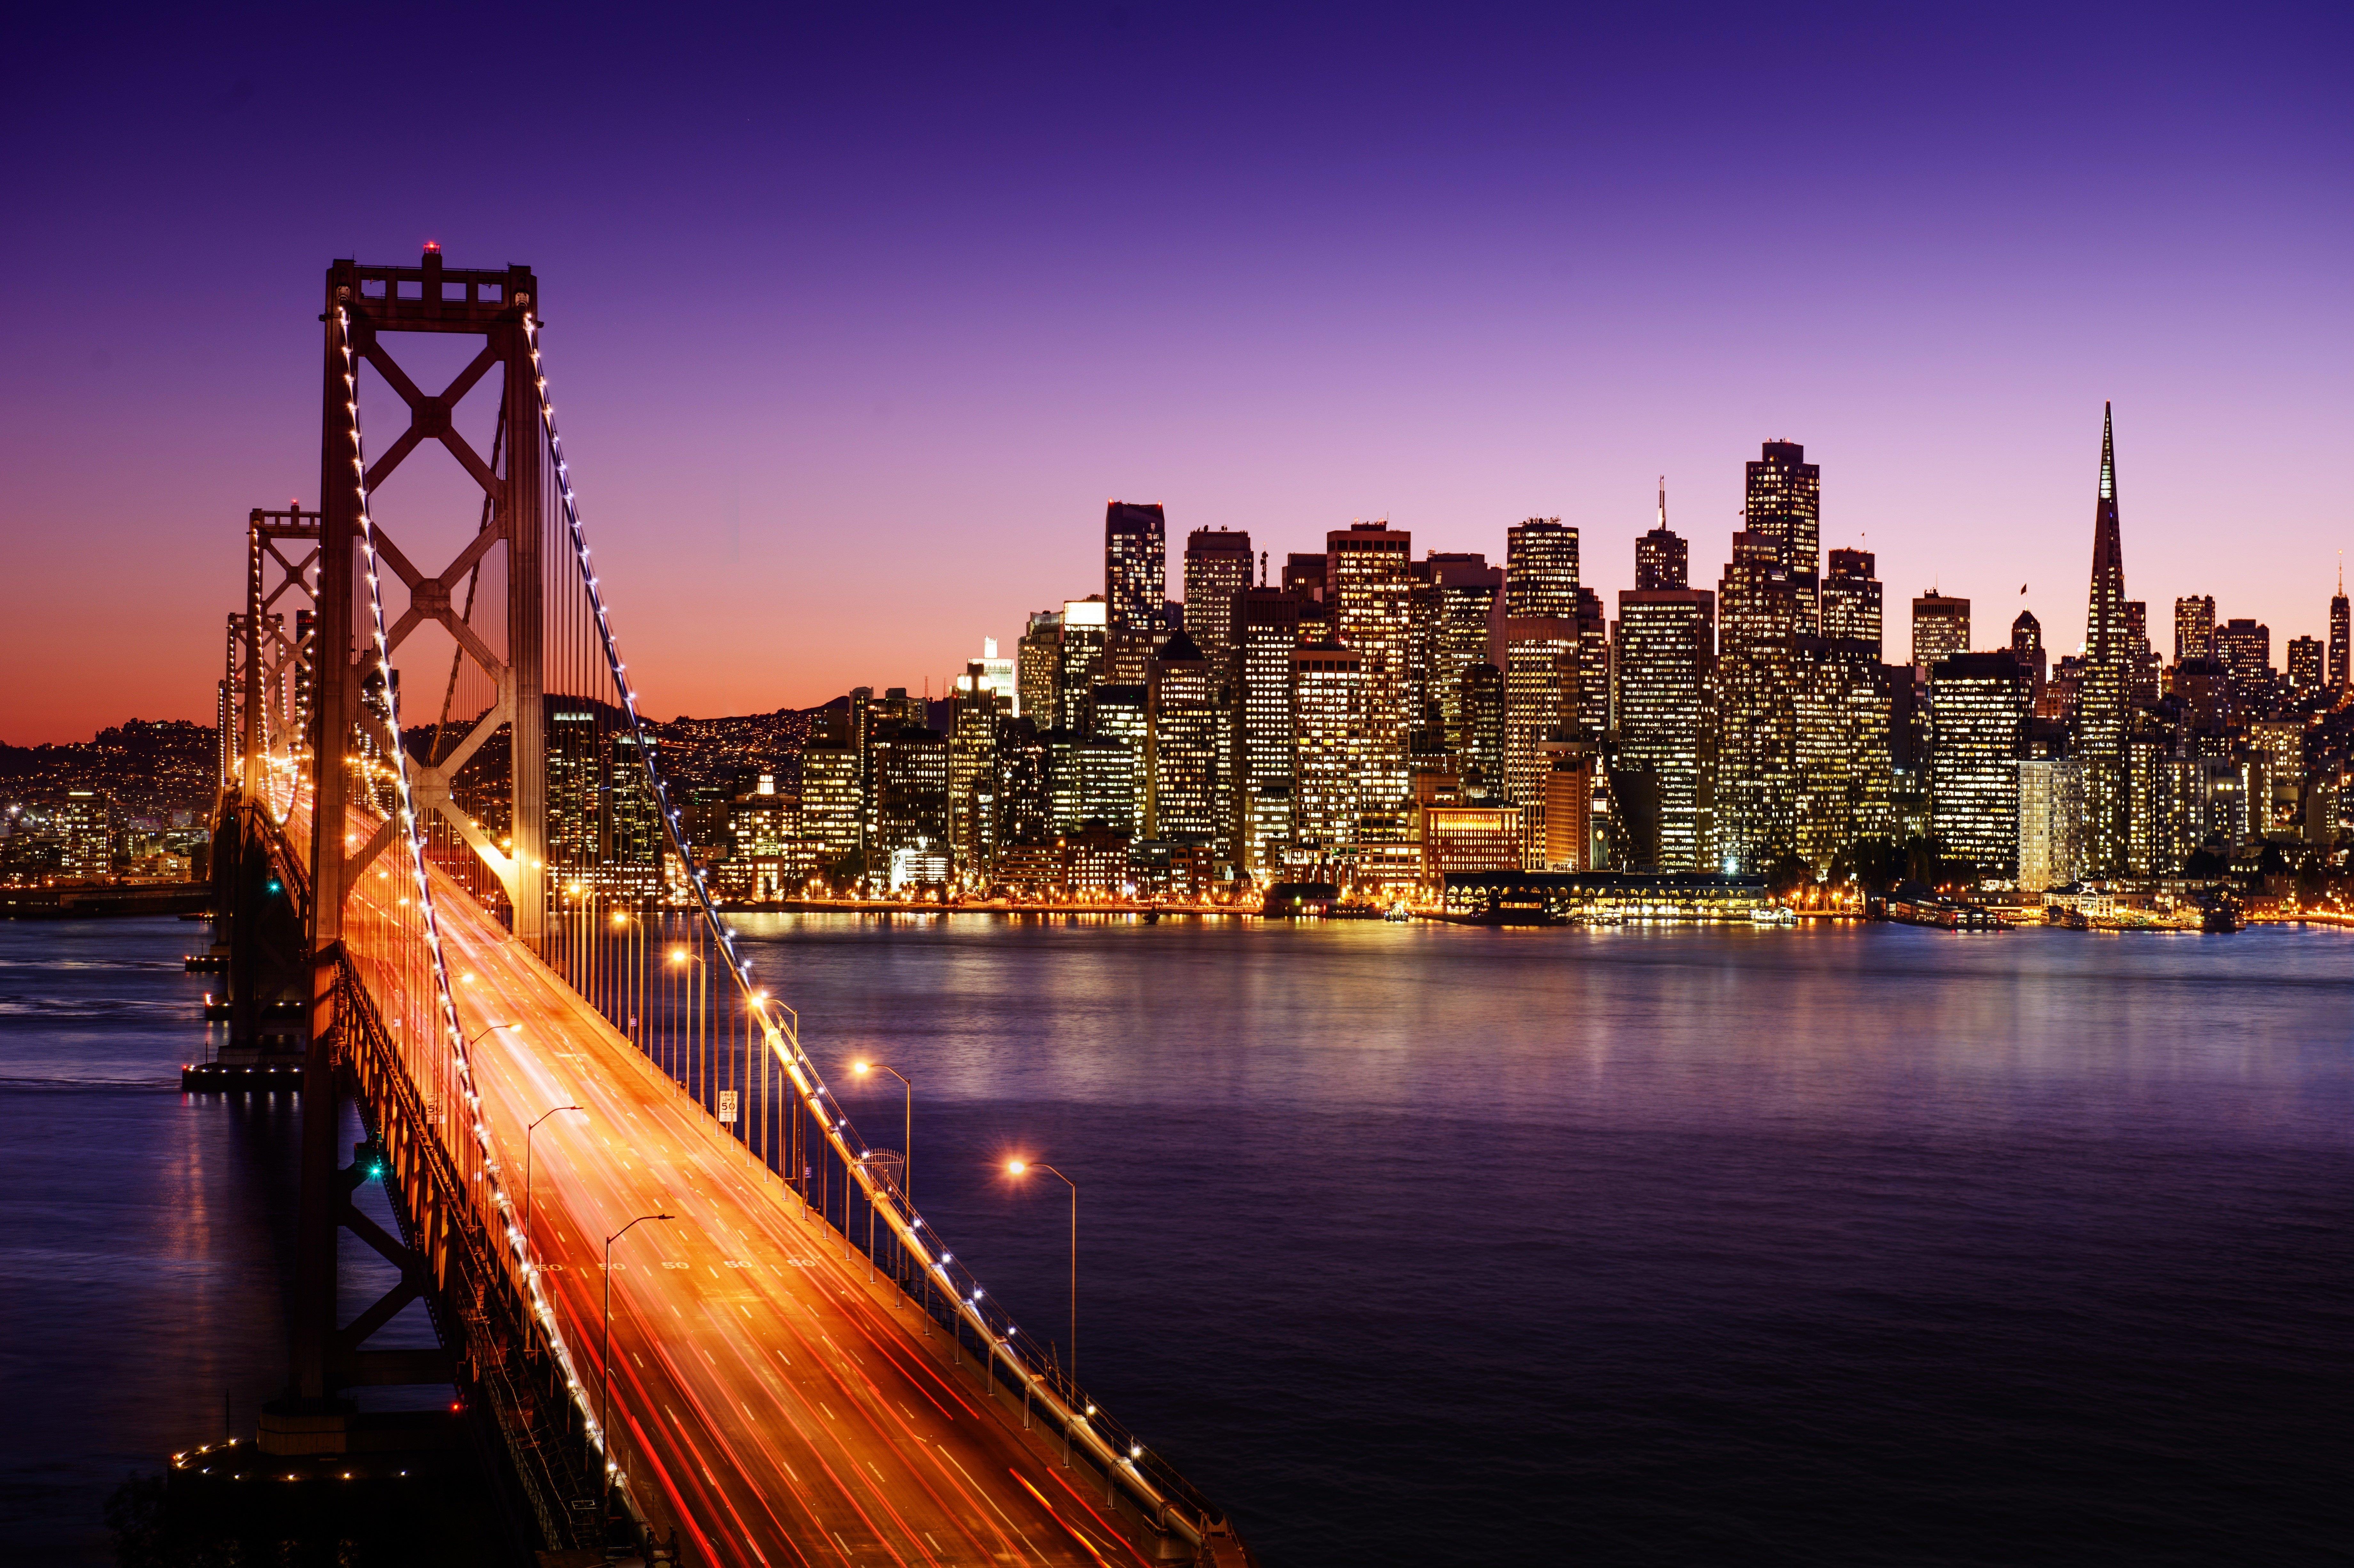 Evening Crossing, Bay Bridge, San Francisco, California  № 3720949 загрузить